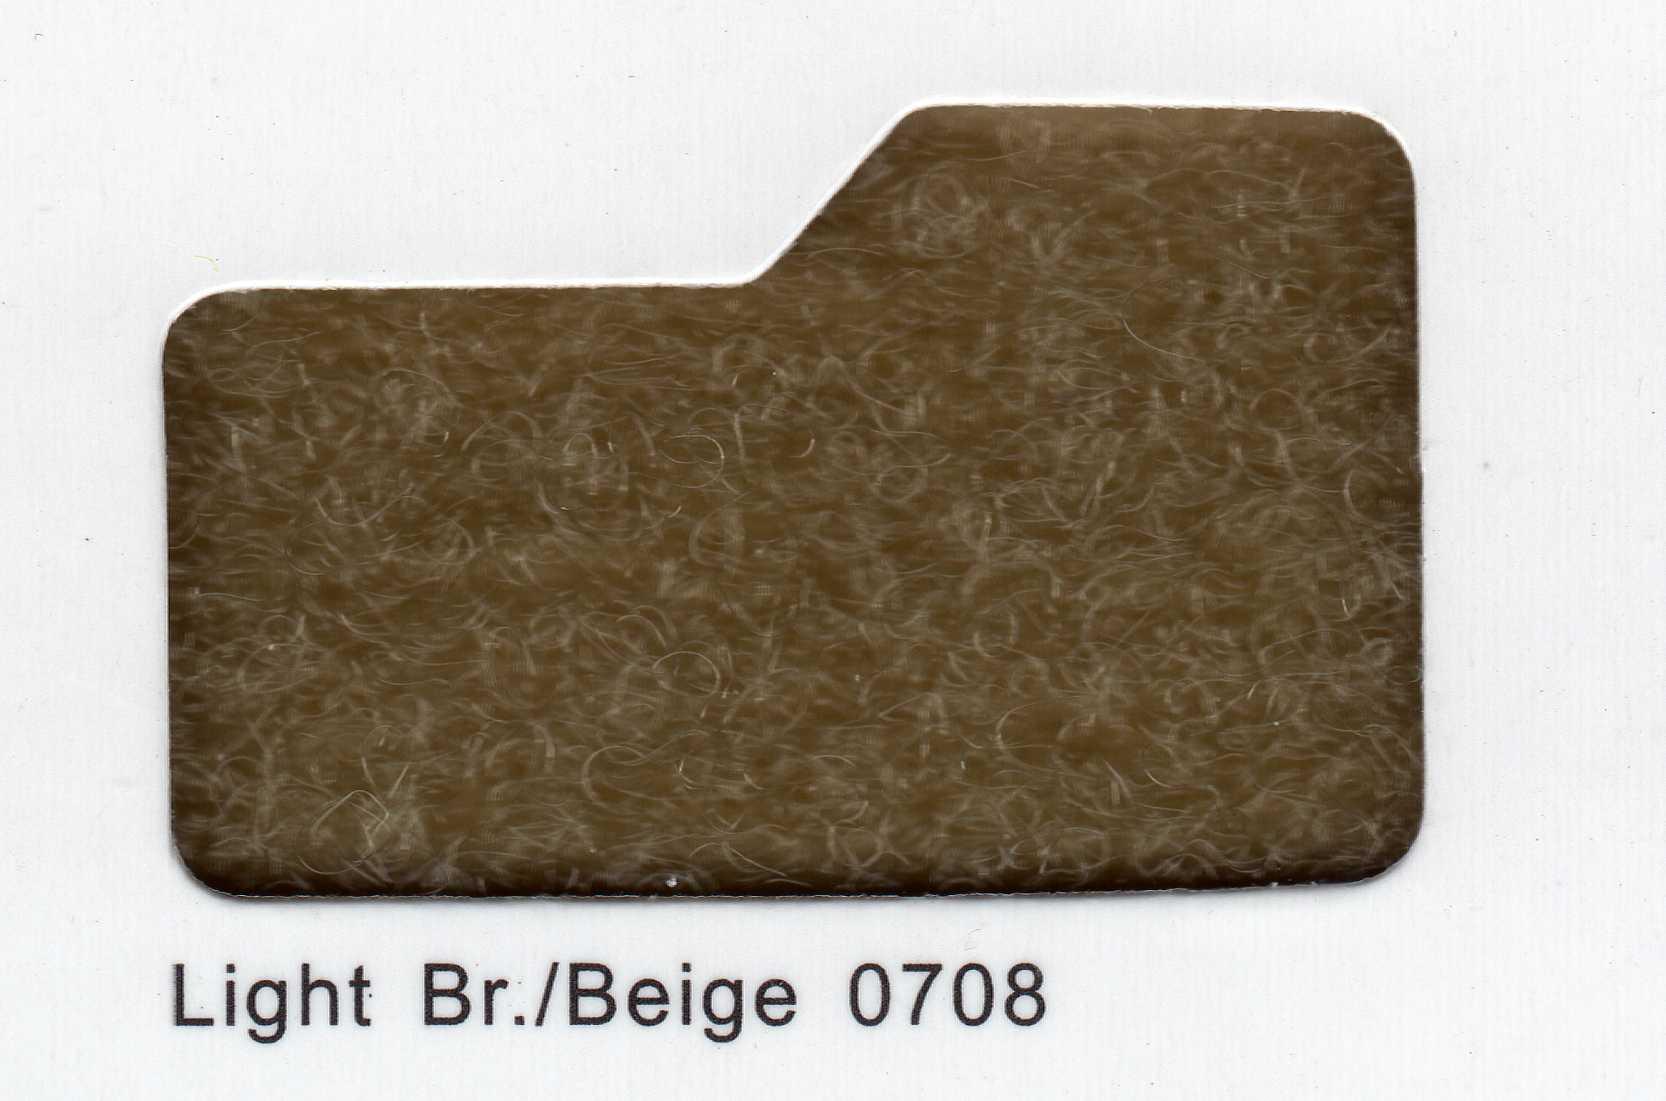 Cinta de cierre Velcro-Veraco 100mm Beige 0708 (Rizo).